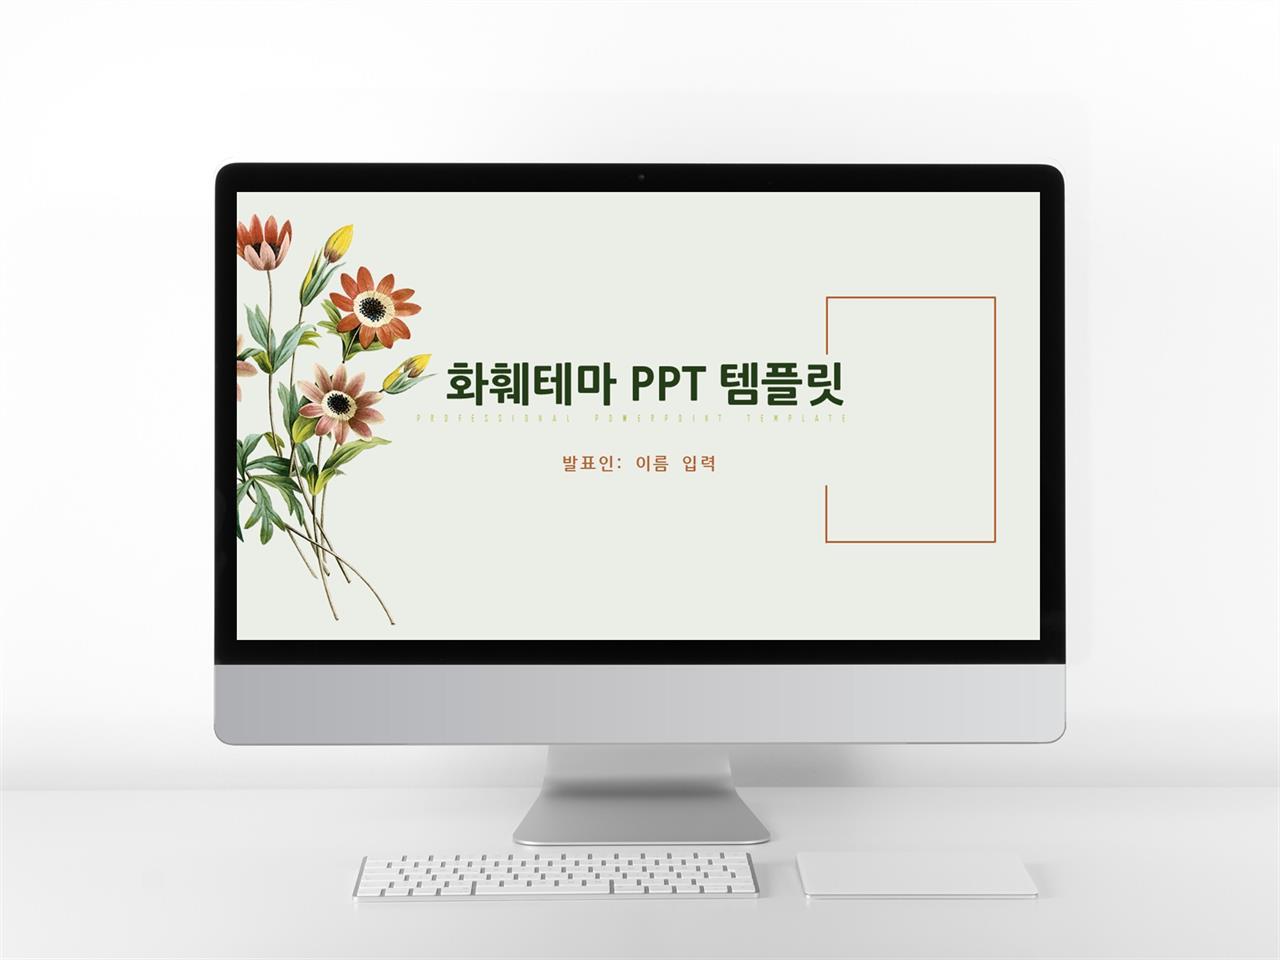 꽃과 동식물 주제 그린색 예쁜 시선을 사로잡는 PPT탬플릿 만들기 미리보기